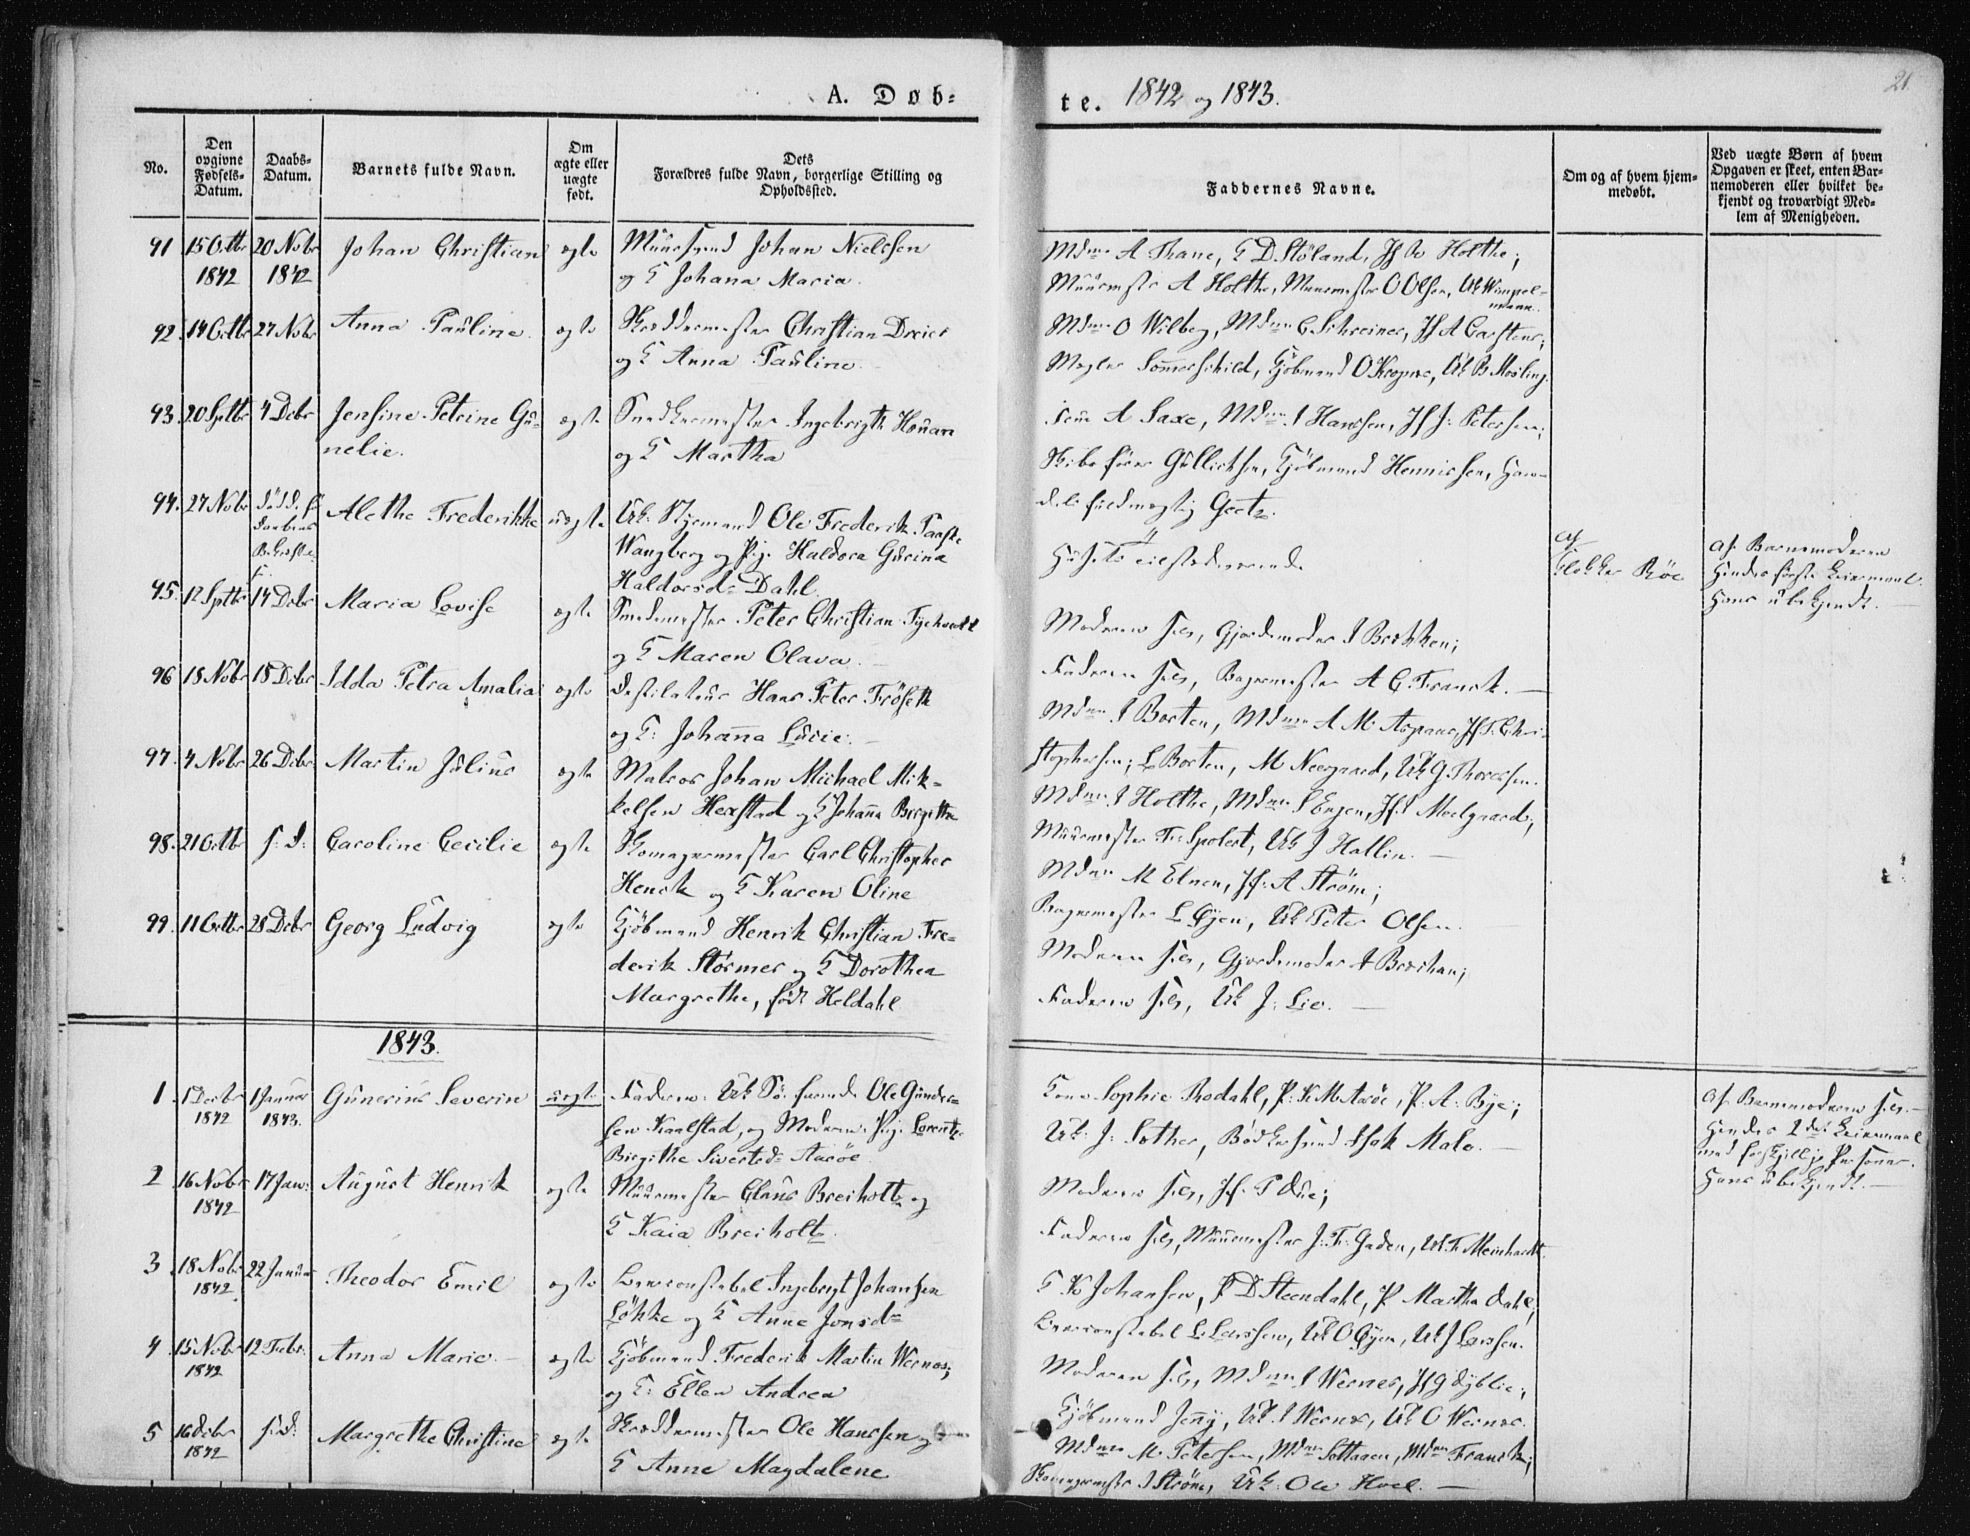 SAT, Ministerialprotokoller, klokkerbøker og fødselsregistre - Sør-Trøndelag, 602/L0110: Ministerialbok nr. 602A08, 1840-1854, s. 21